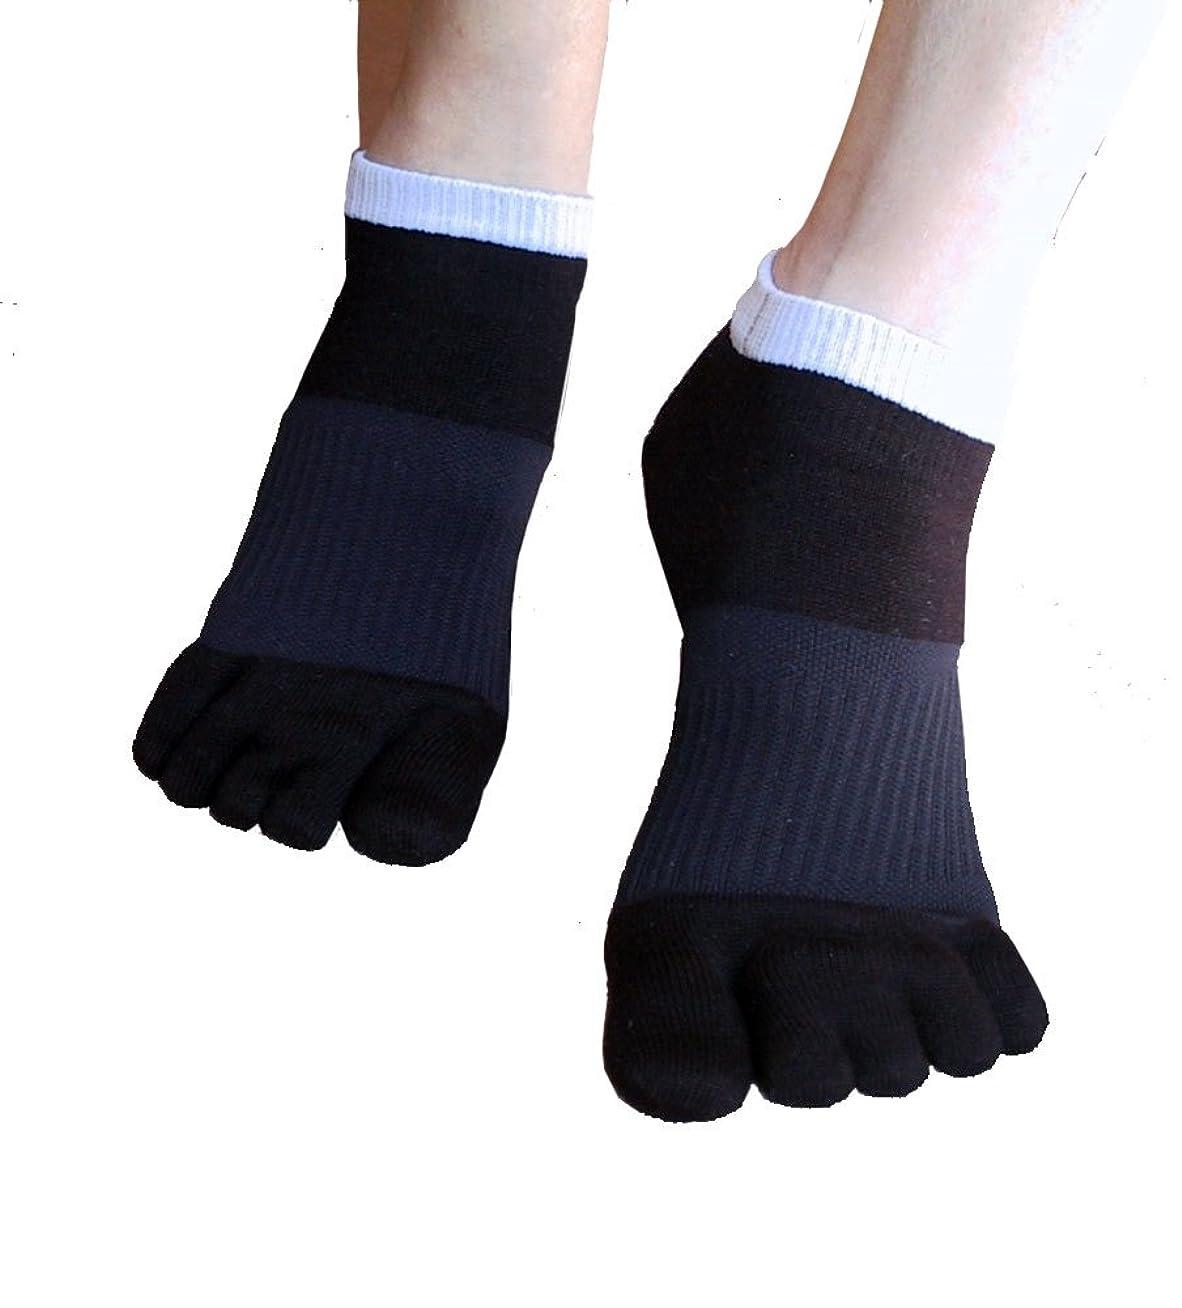 引き渡す中に武装解除外反母趾対策 ふしぎな5本指テーピング靴下 スニーカータイプ 22-24cm?ブラック(色は2色、サイズは3サイズ)